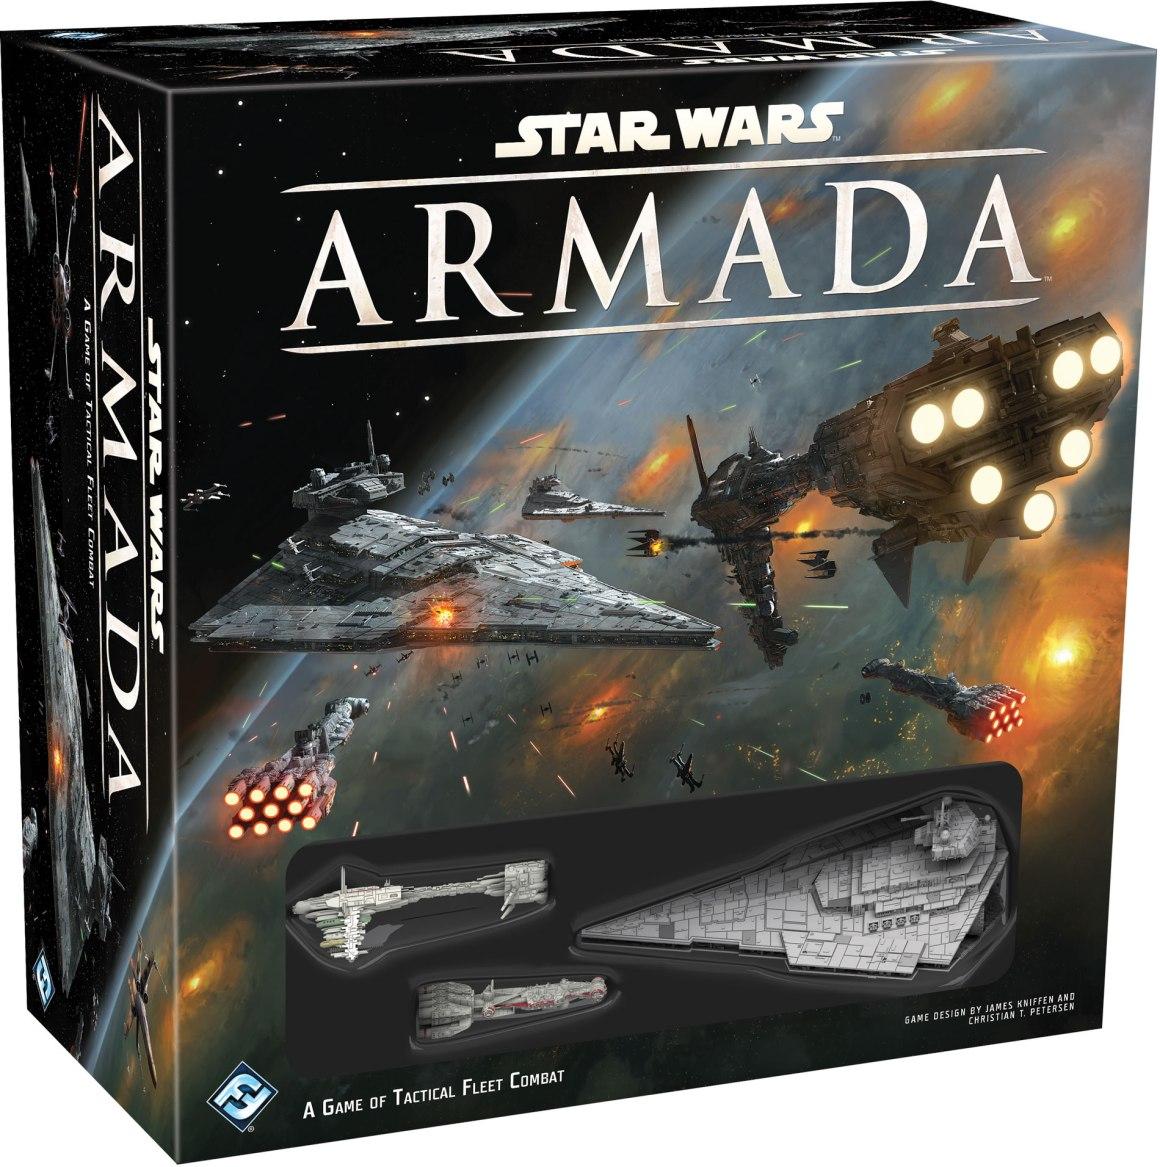 Star_Wars_Armada_box